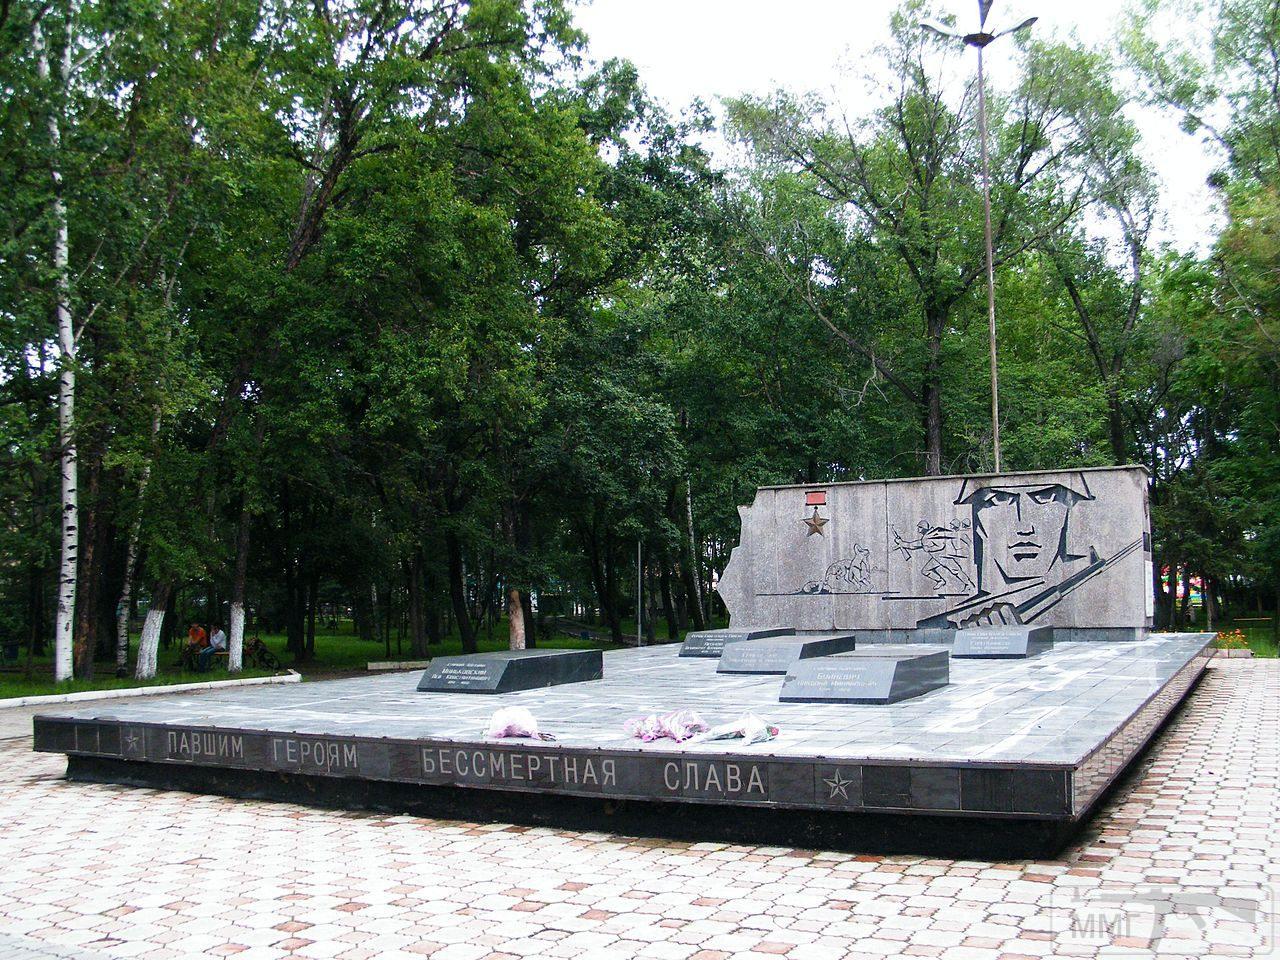 33655 - Военный конфликт СССР и Китая - Остров Даманский 1969 год